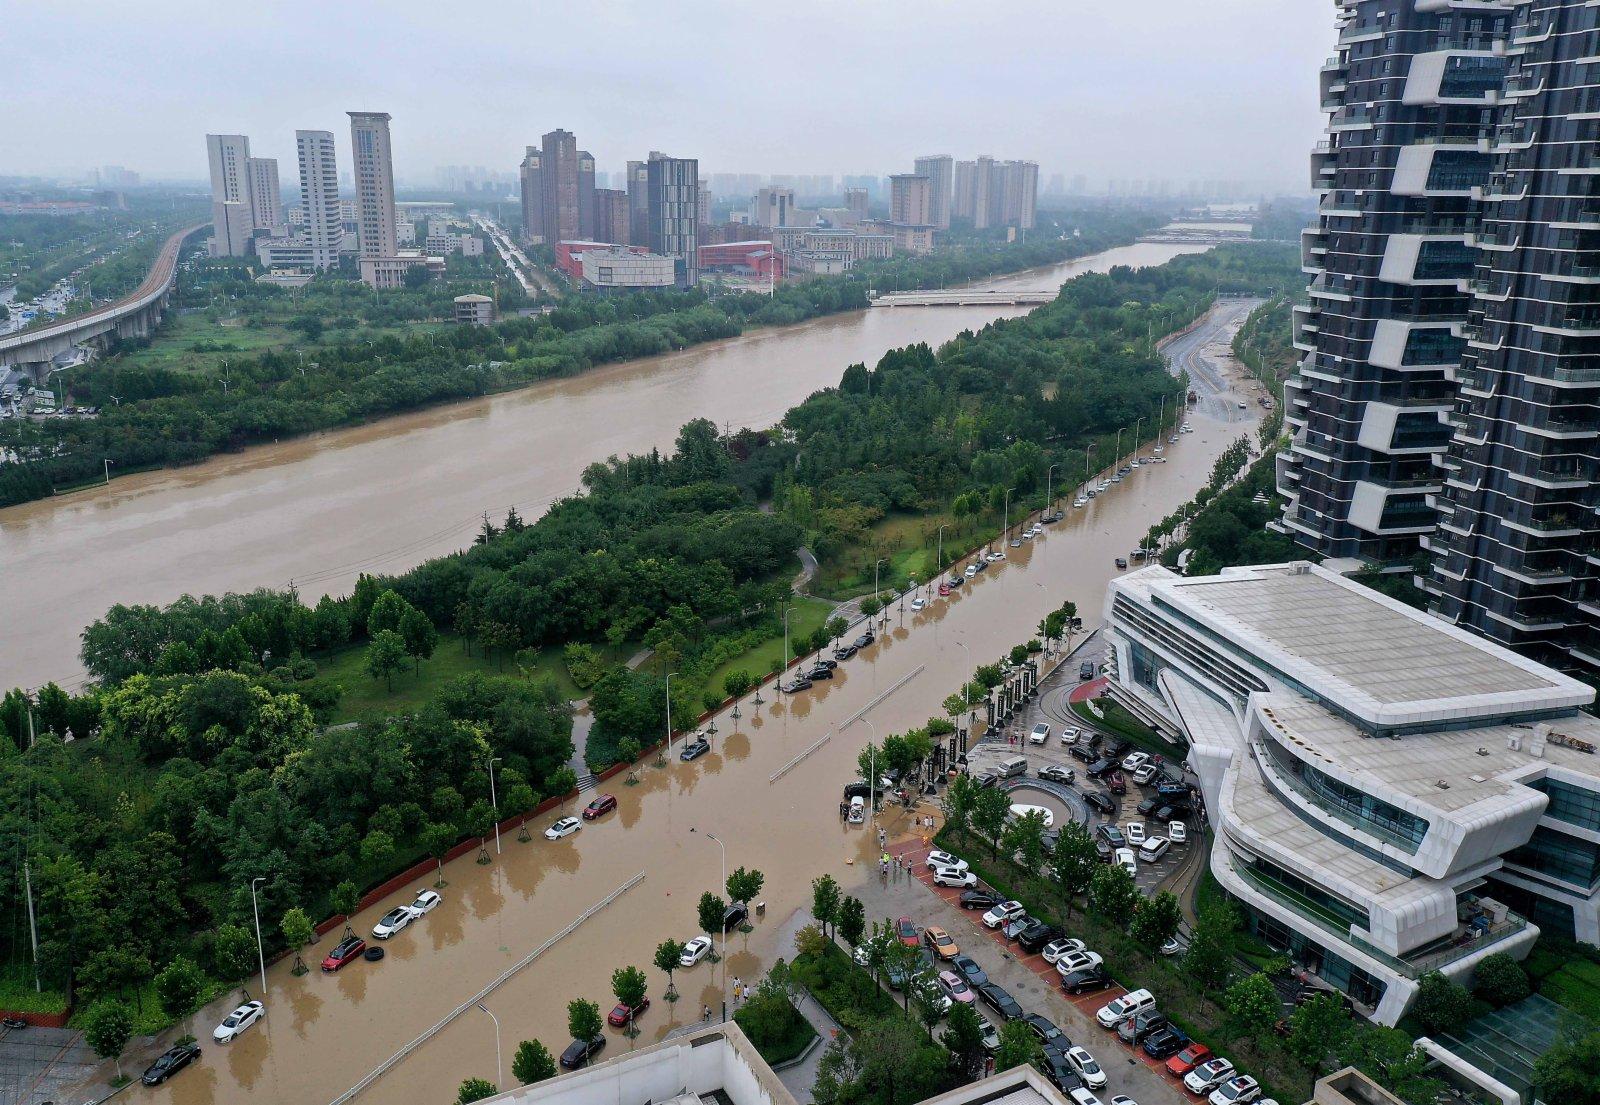 7月21日上午拍攝的鄭州市鄭東新區被水淹沒的部分路段(無人機照片)。(新華社)